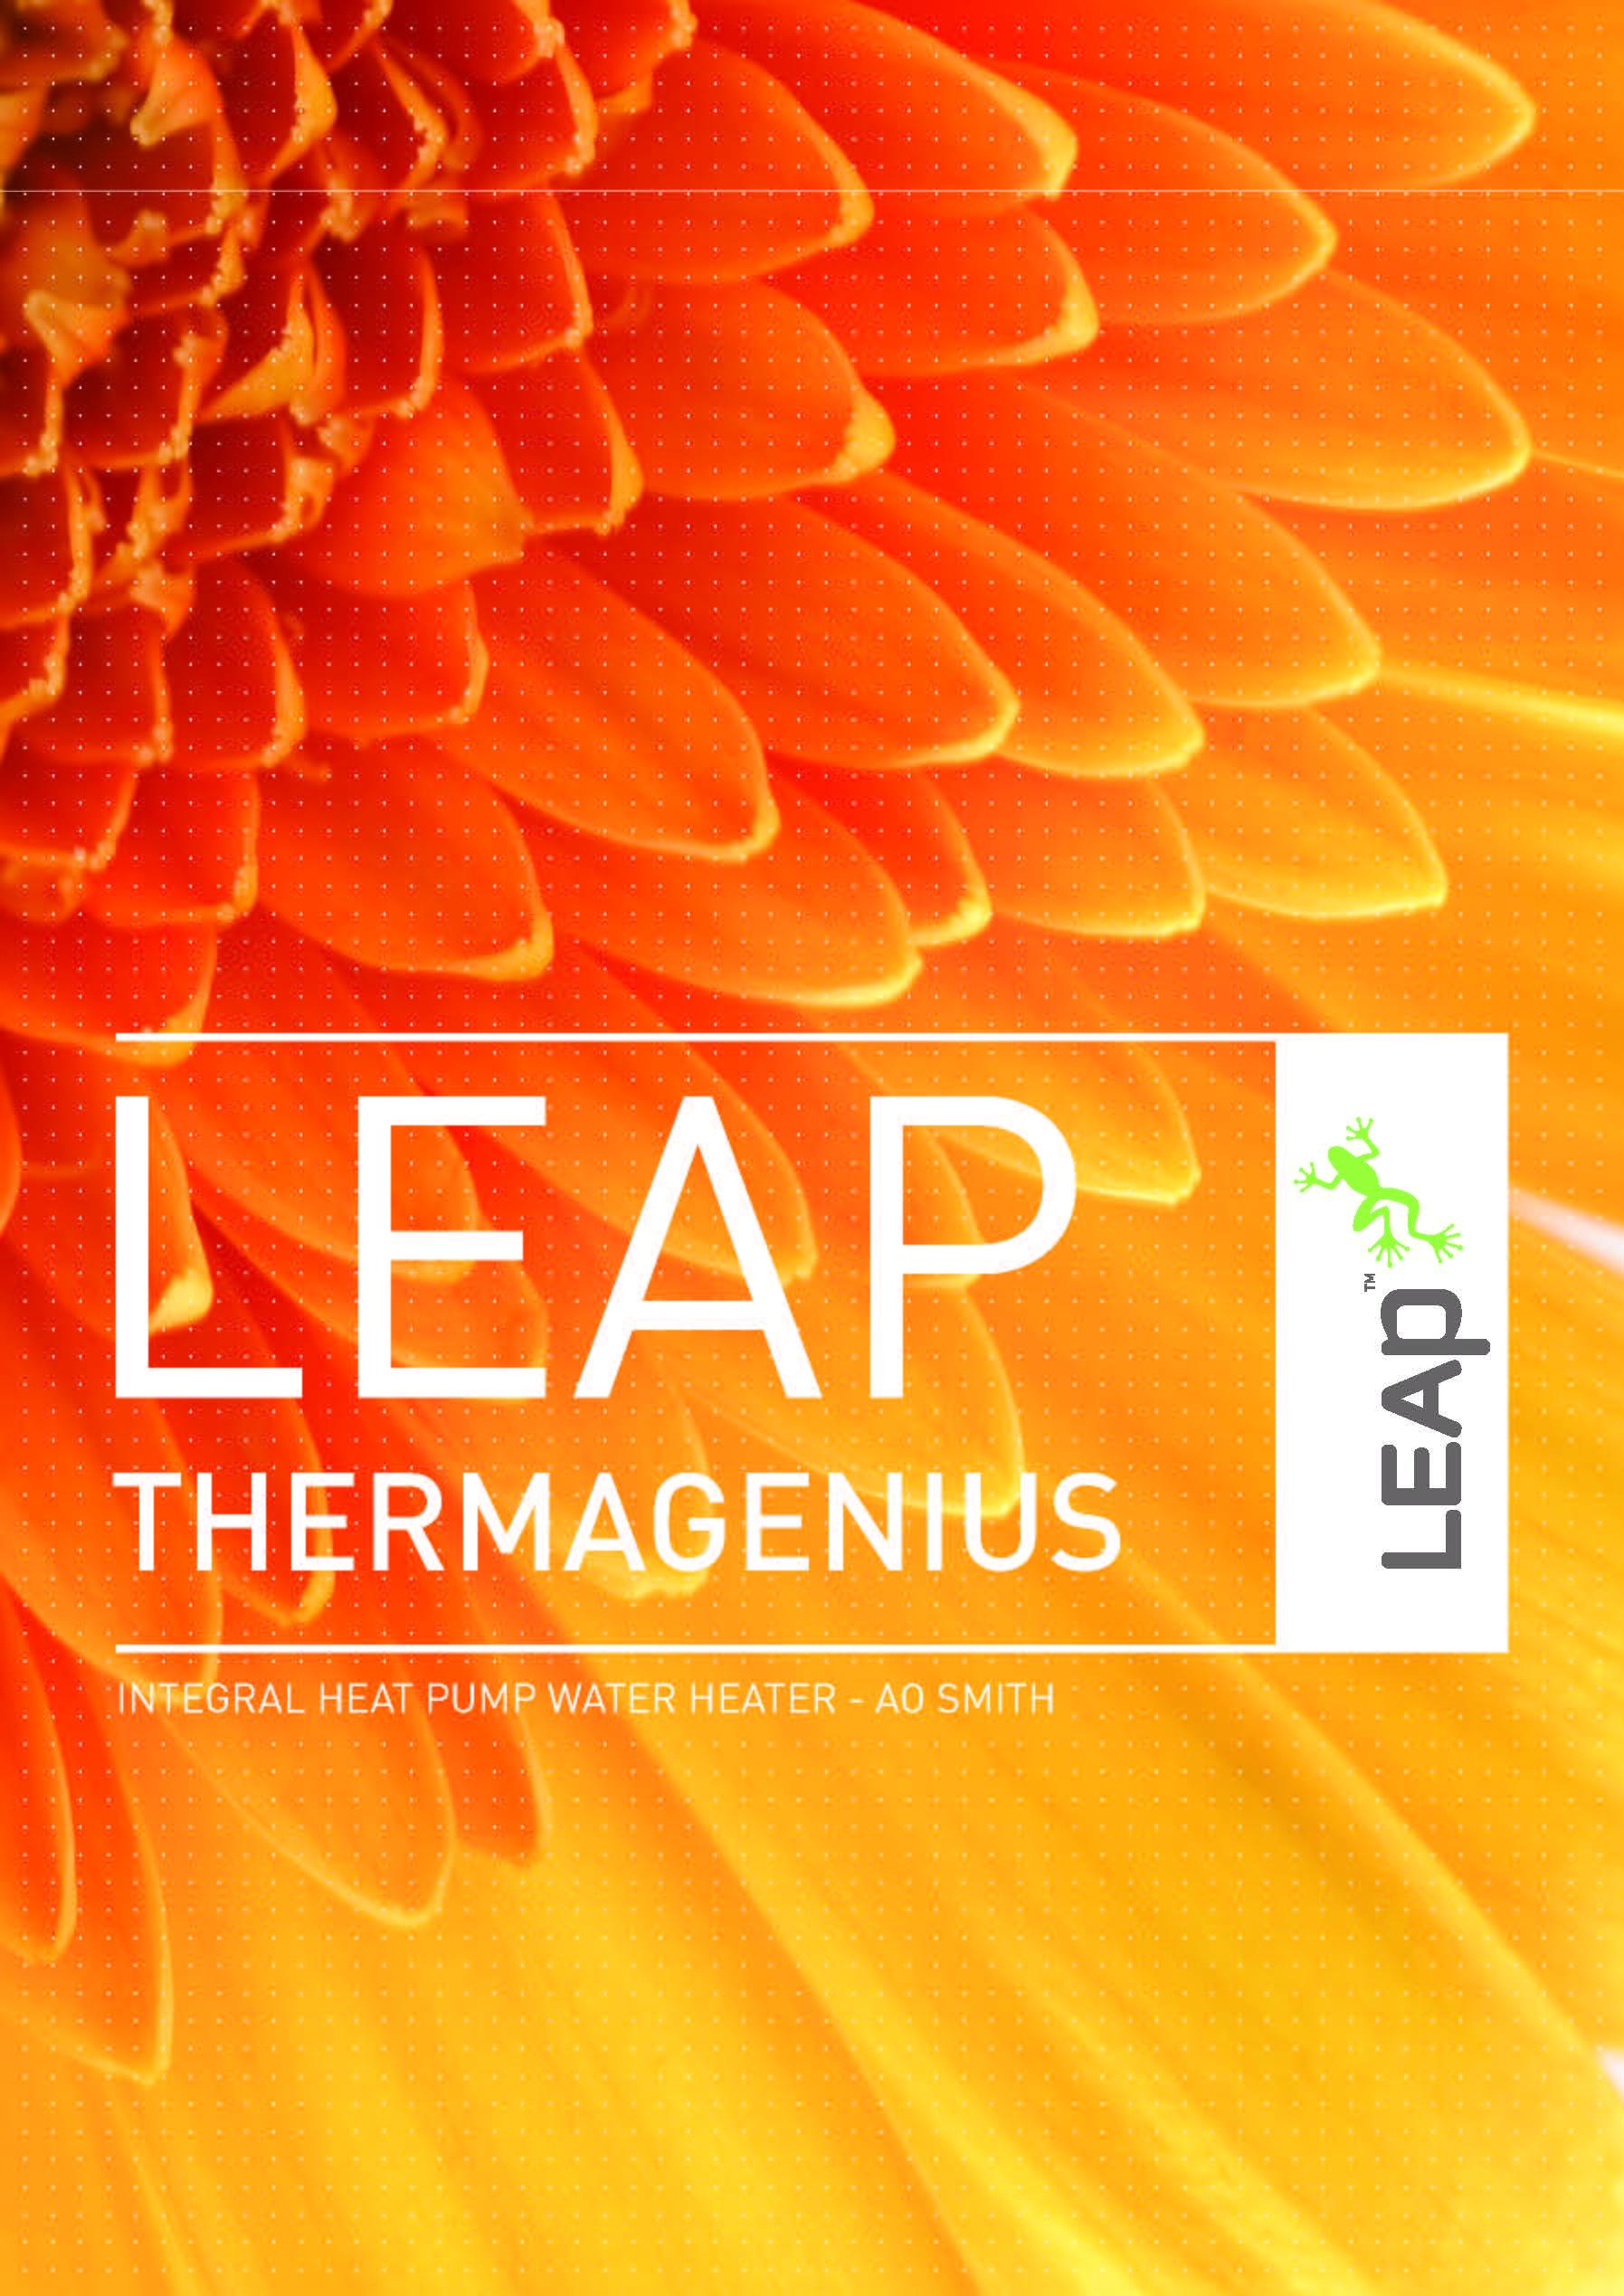 LEAP_THERMAGENIUS AOS Hdr.jpg